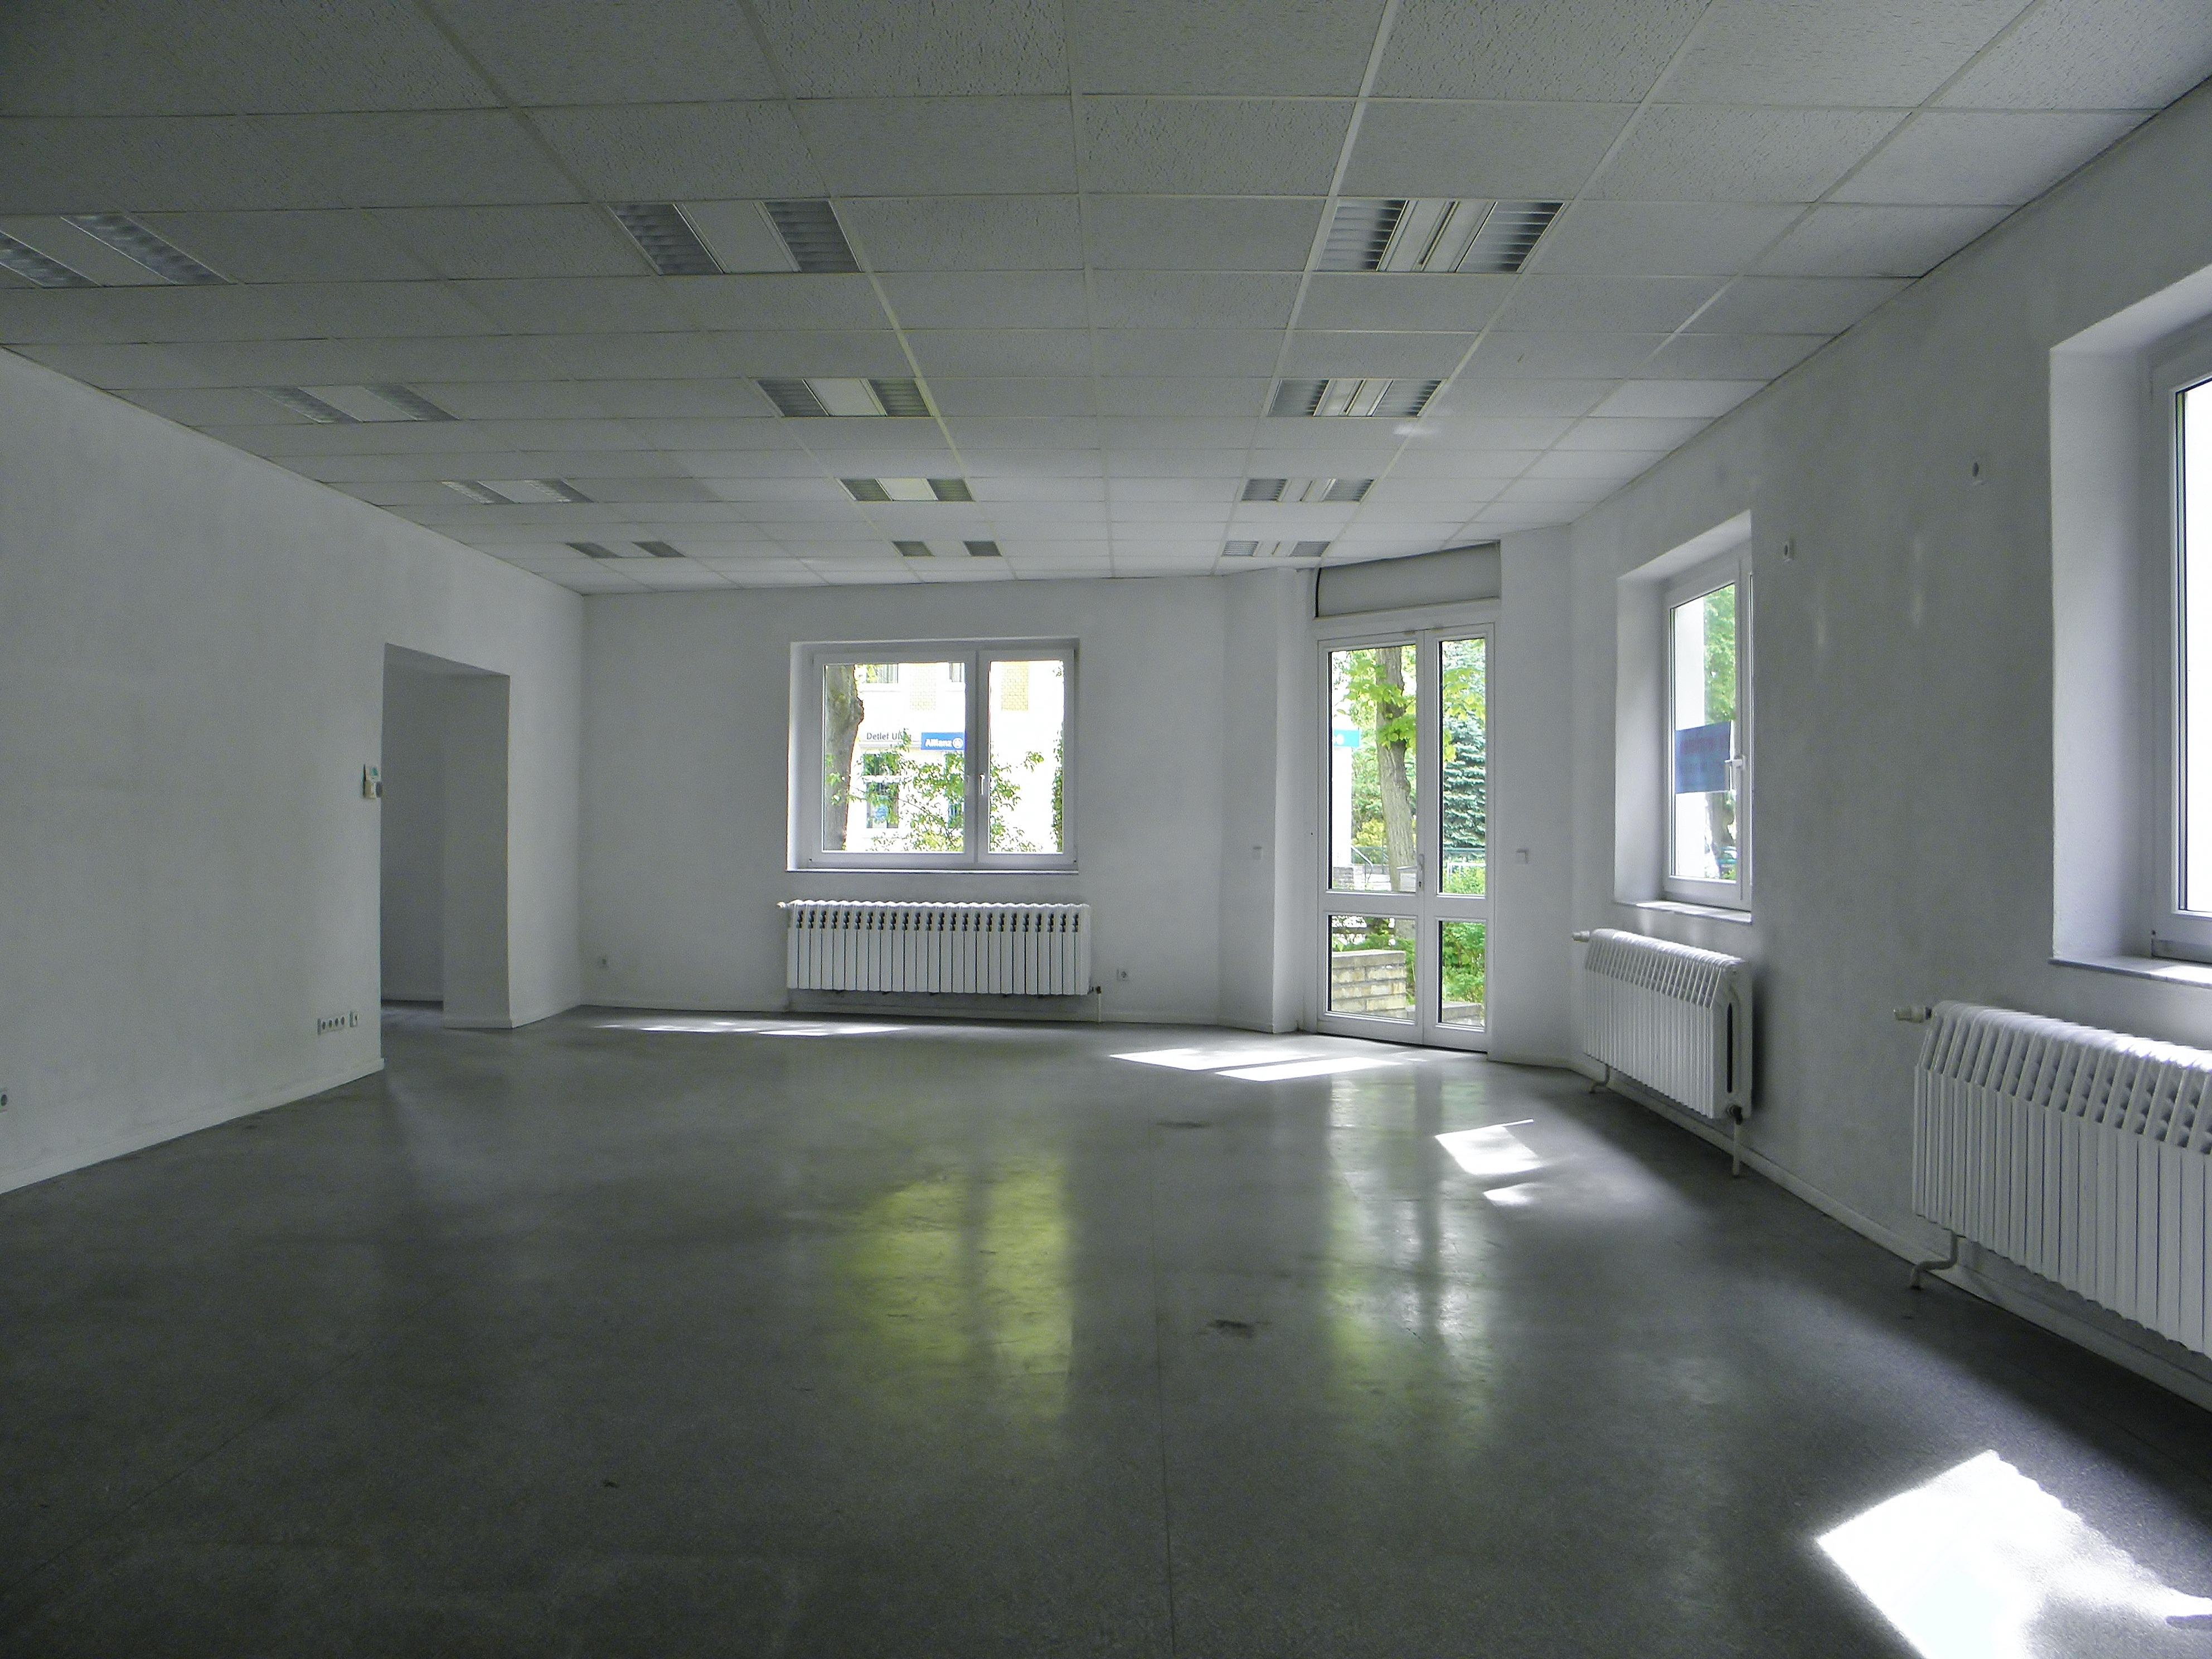 무료 이미지 : 음악, 바닥, 집, 천장, 홀, 공간, 사무실, 재산, 거실 ...